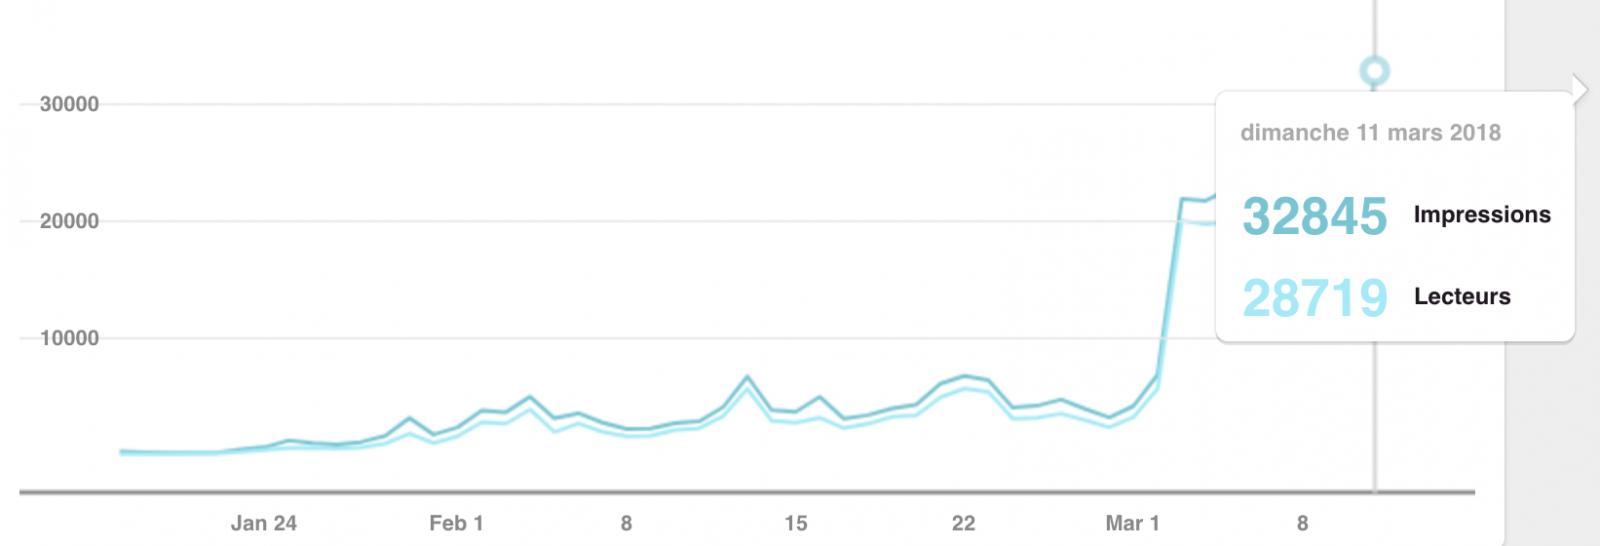 Graphique de la croissance des épingles Pinterest de la Base Lunaire